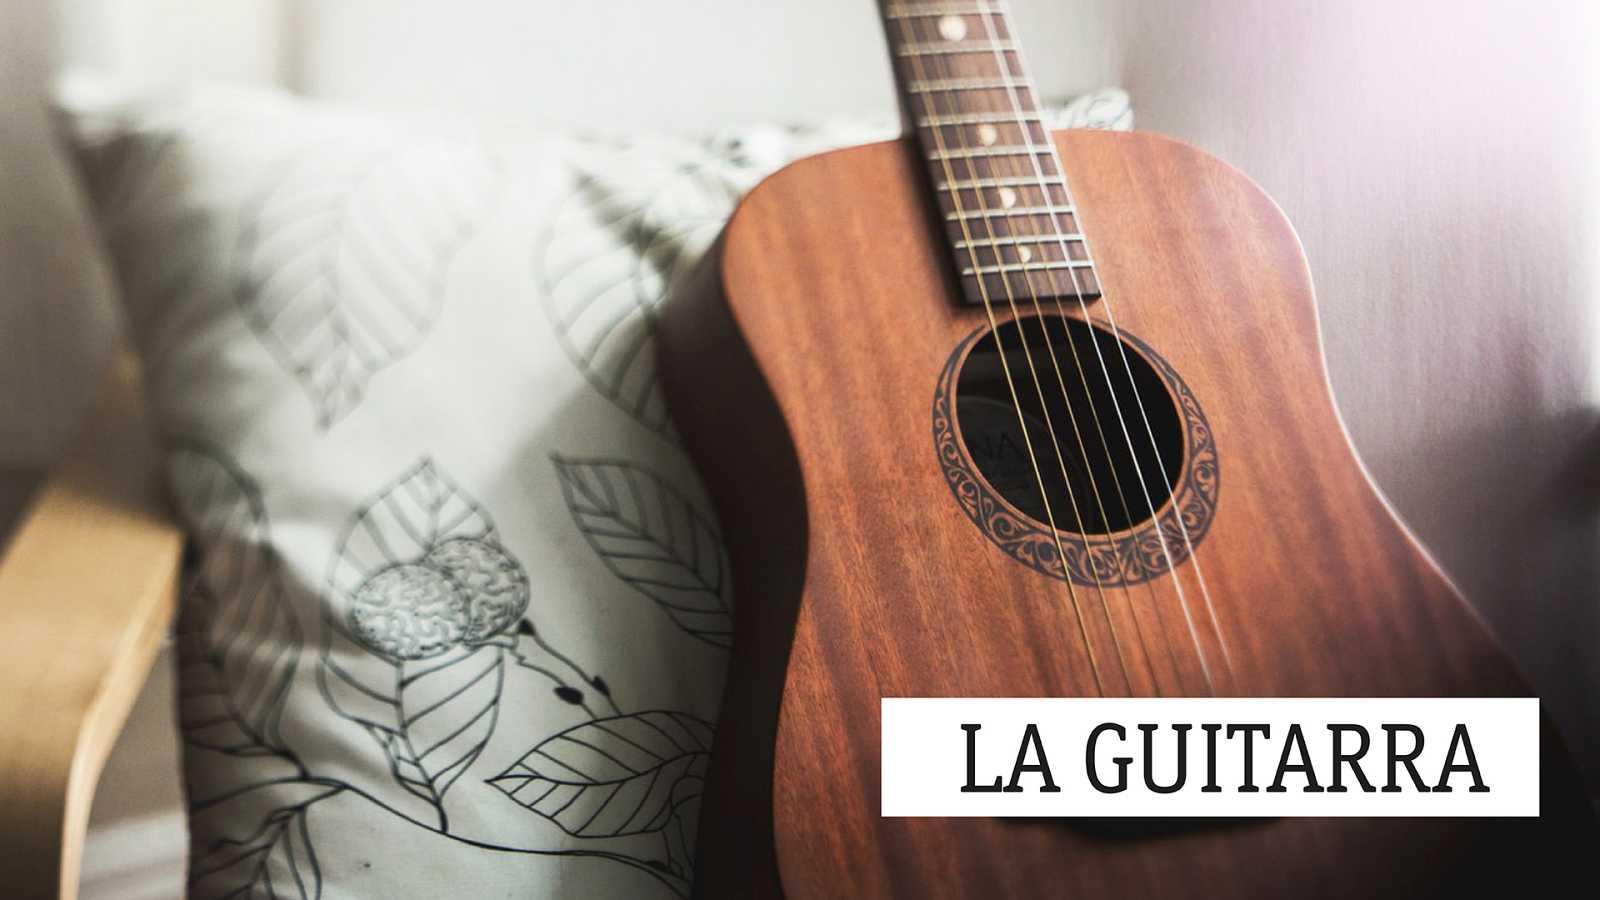 La guitarra - Federico Moreno Torroba, en el 130 aniversario de su nacimiento - 07/03/21 - escuchar ahora